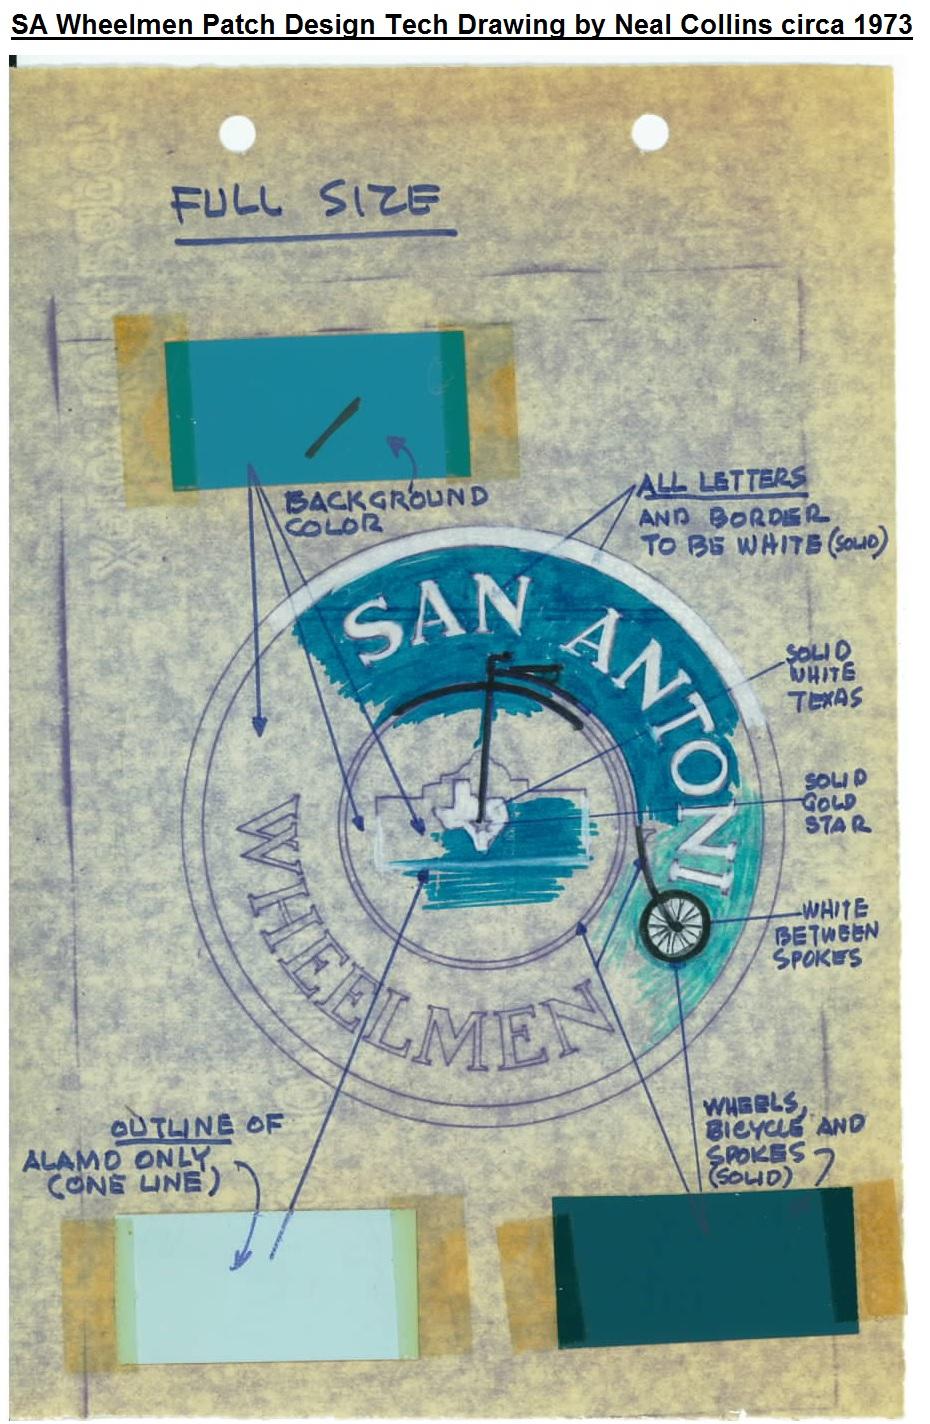 SA Wheelmen patch tech drawing.jpg